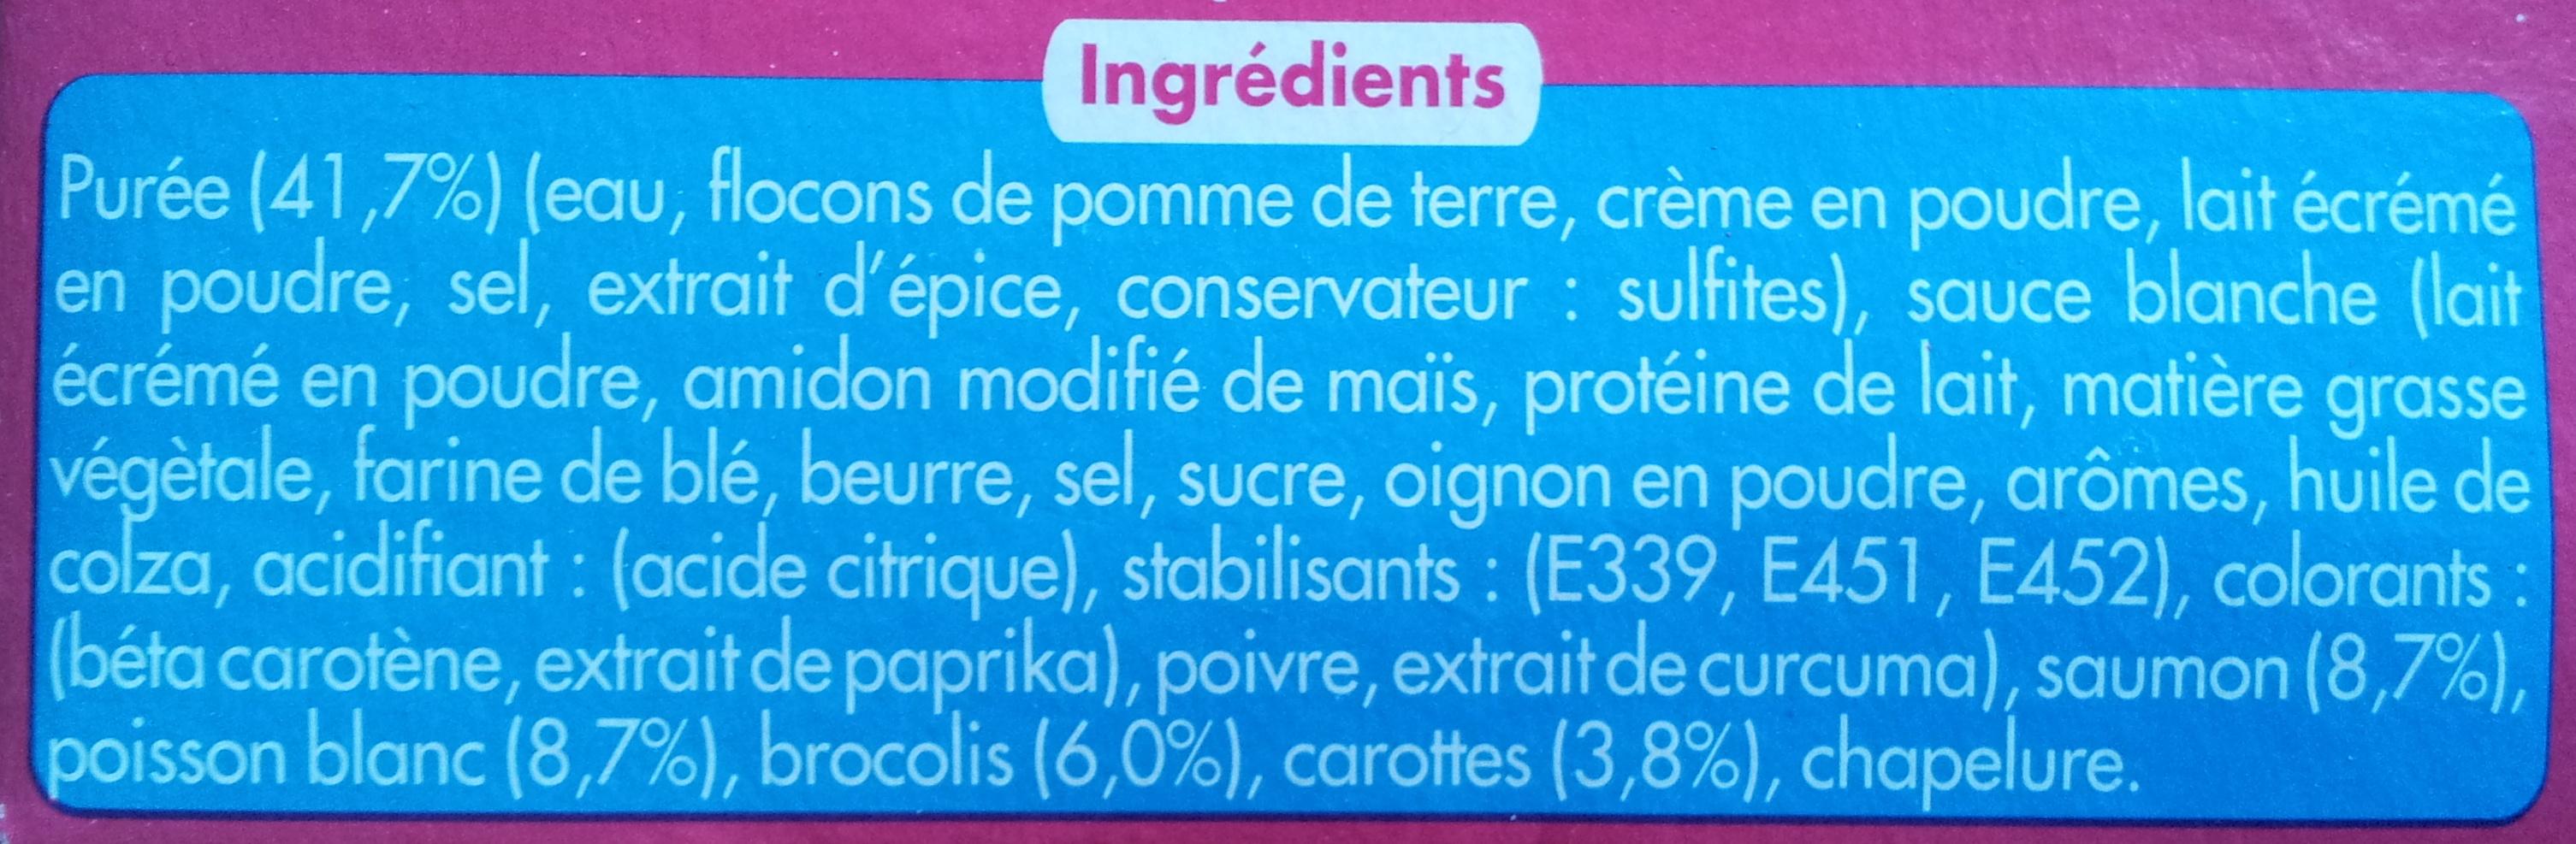 Gratin de Poissons et Purée (1,8 % MG), Surgelé - Ingrediënten - fr